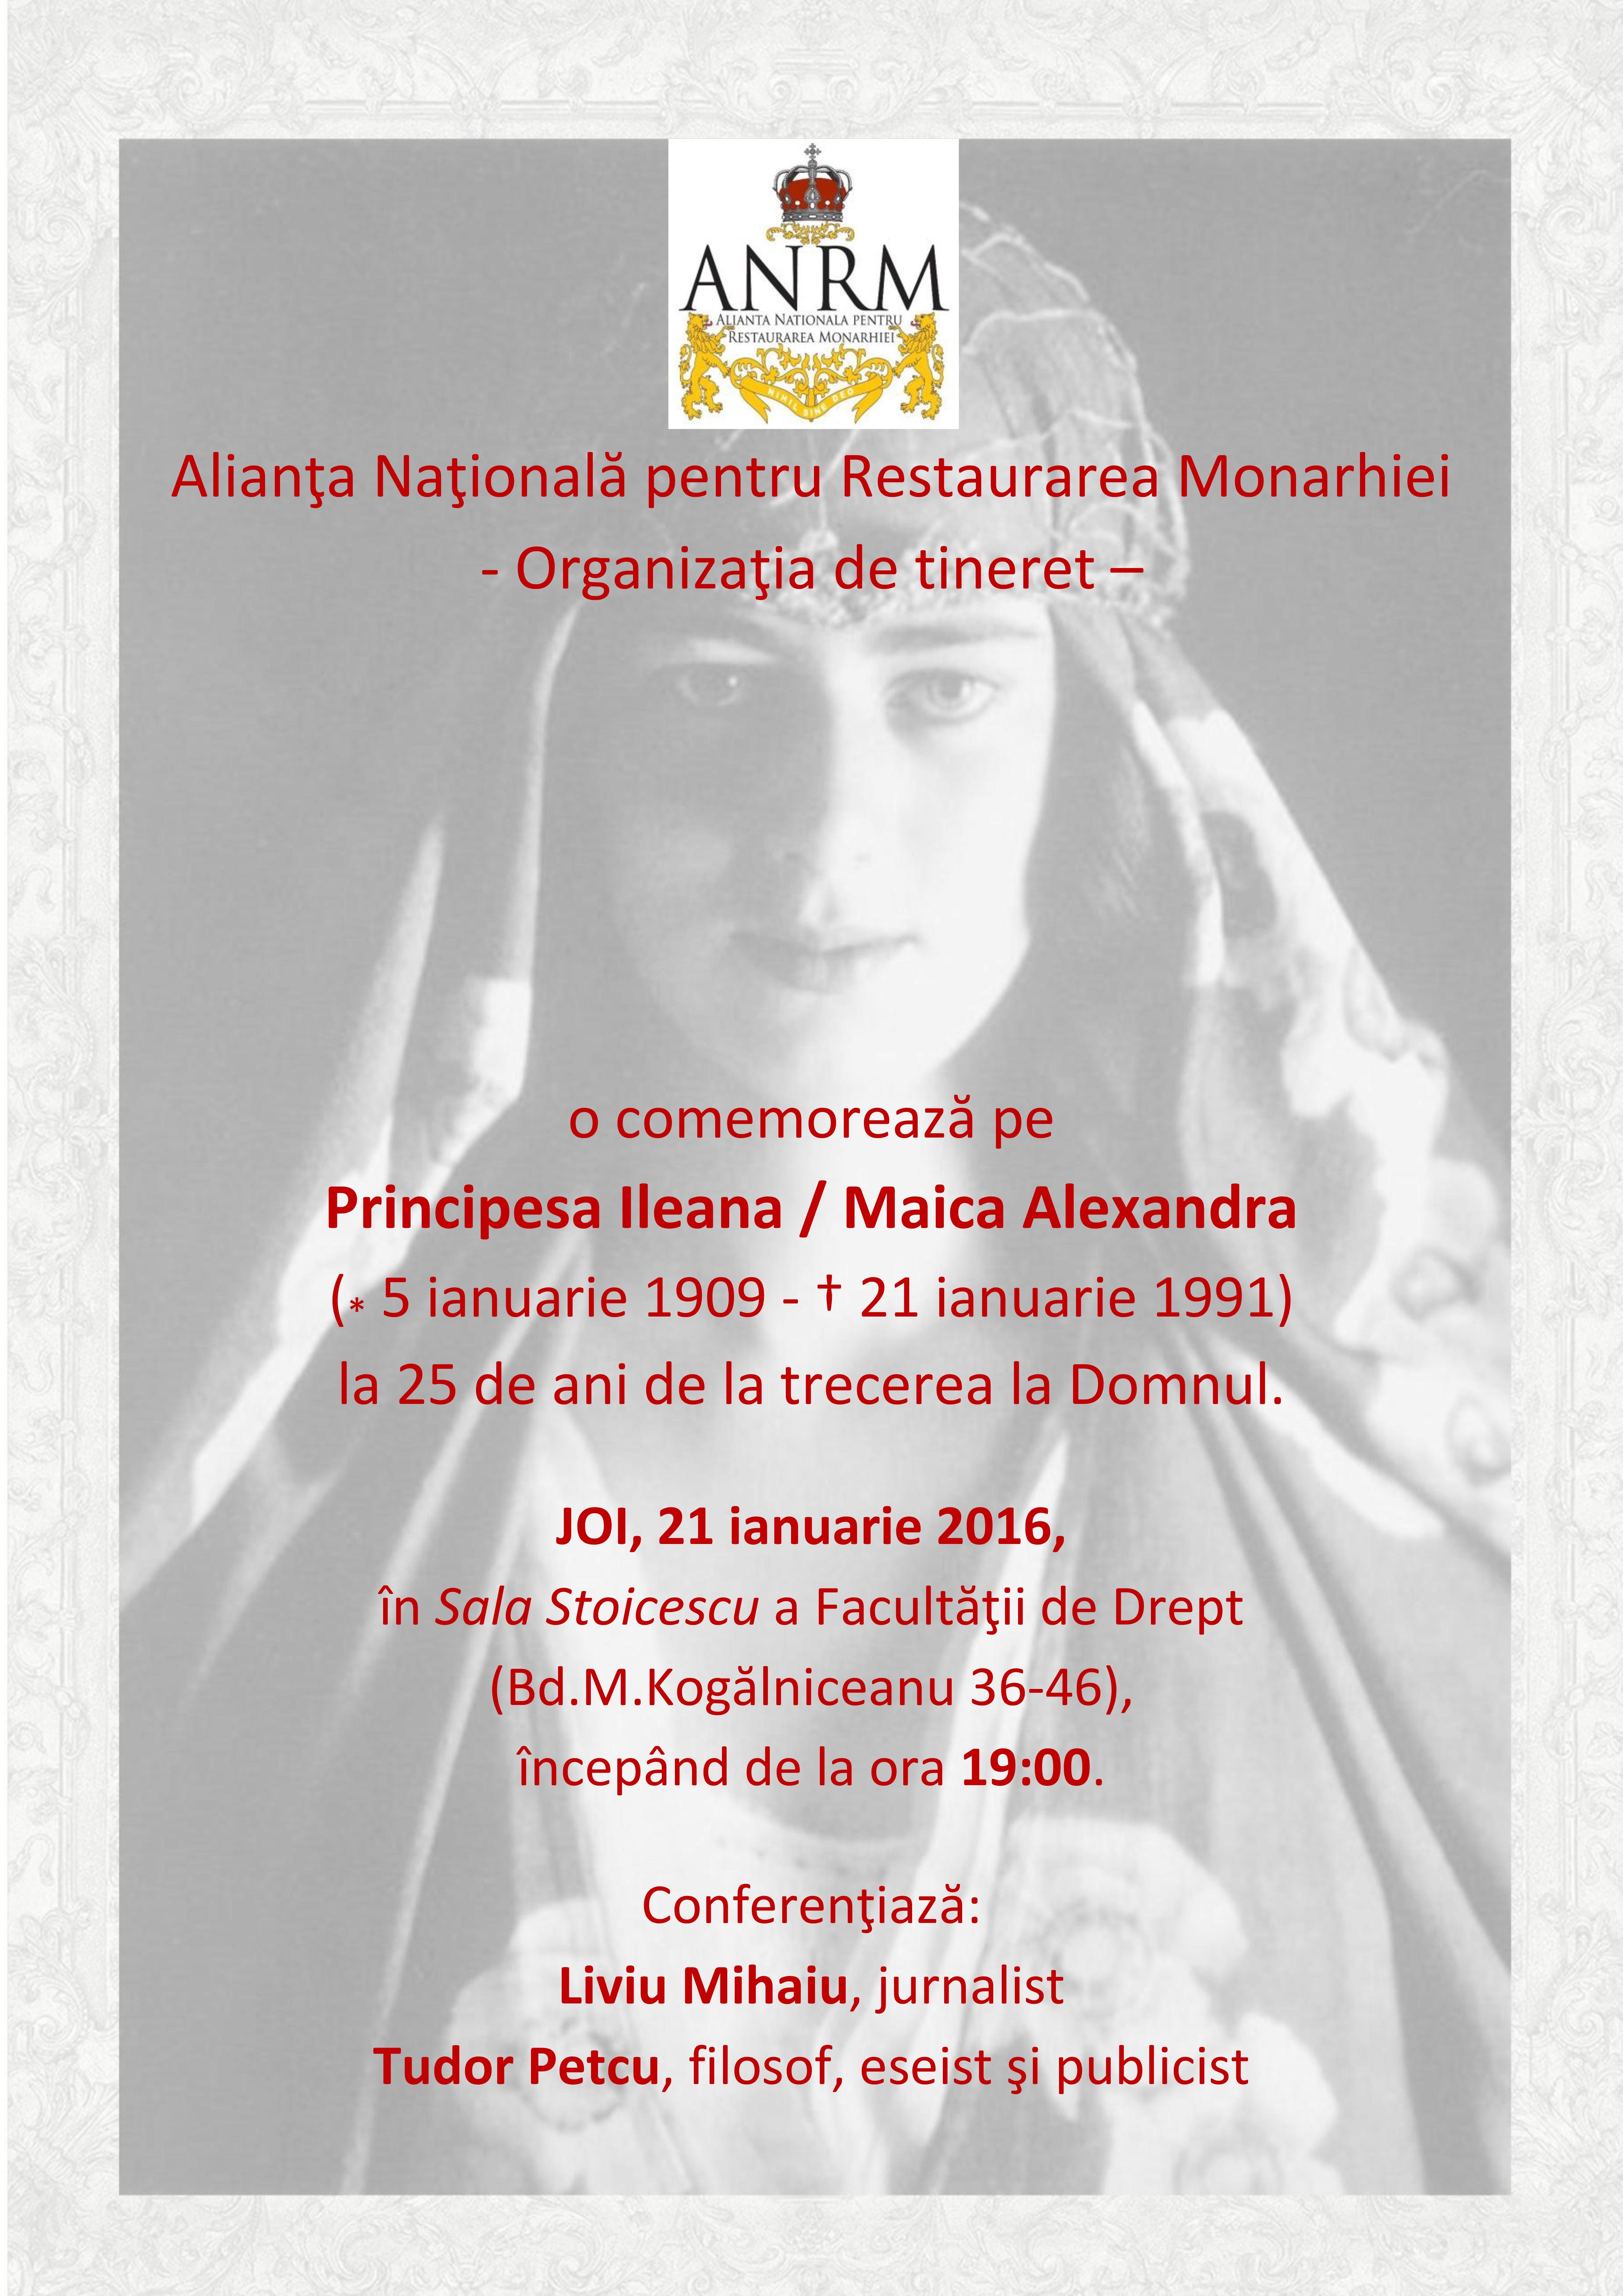 Invitaţie 21 ianuarie 2016 Principesa Ileana